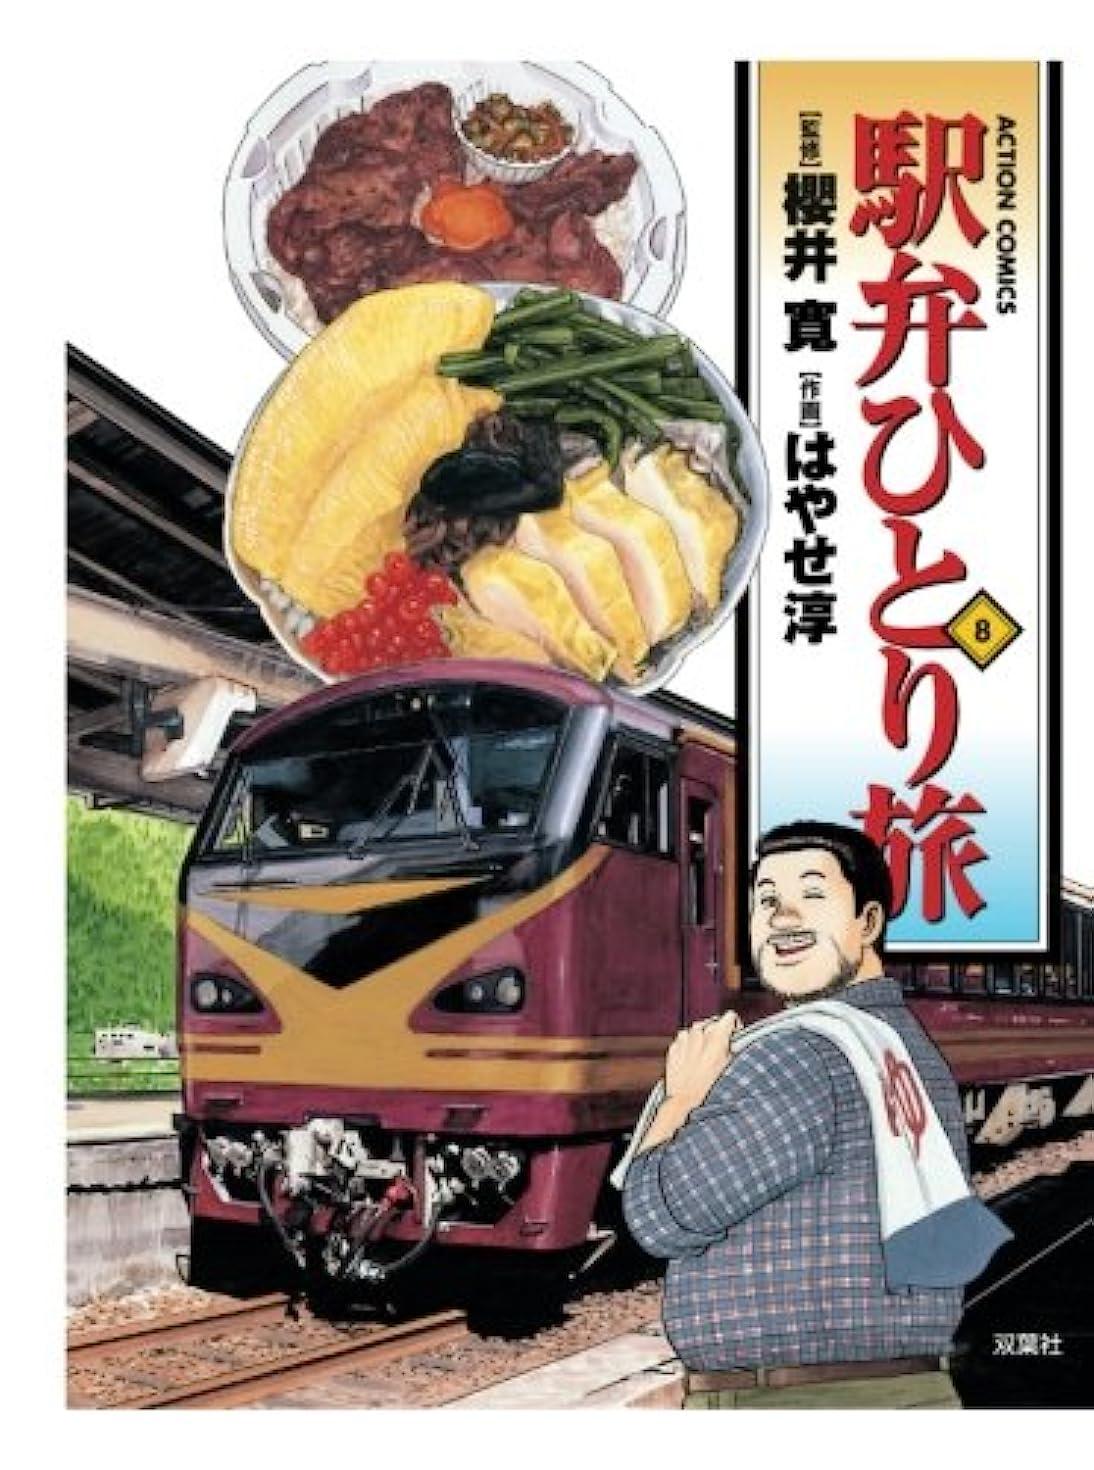 コンパクトブースト水平駅弁ひとり旅(8) (漫画アクション)